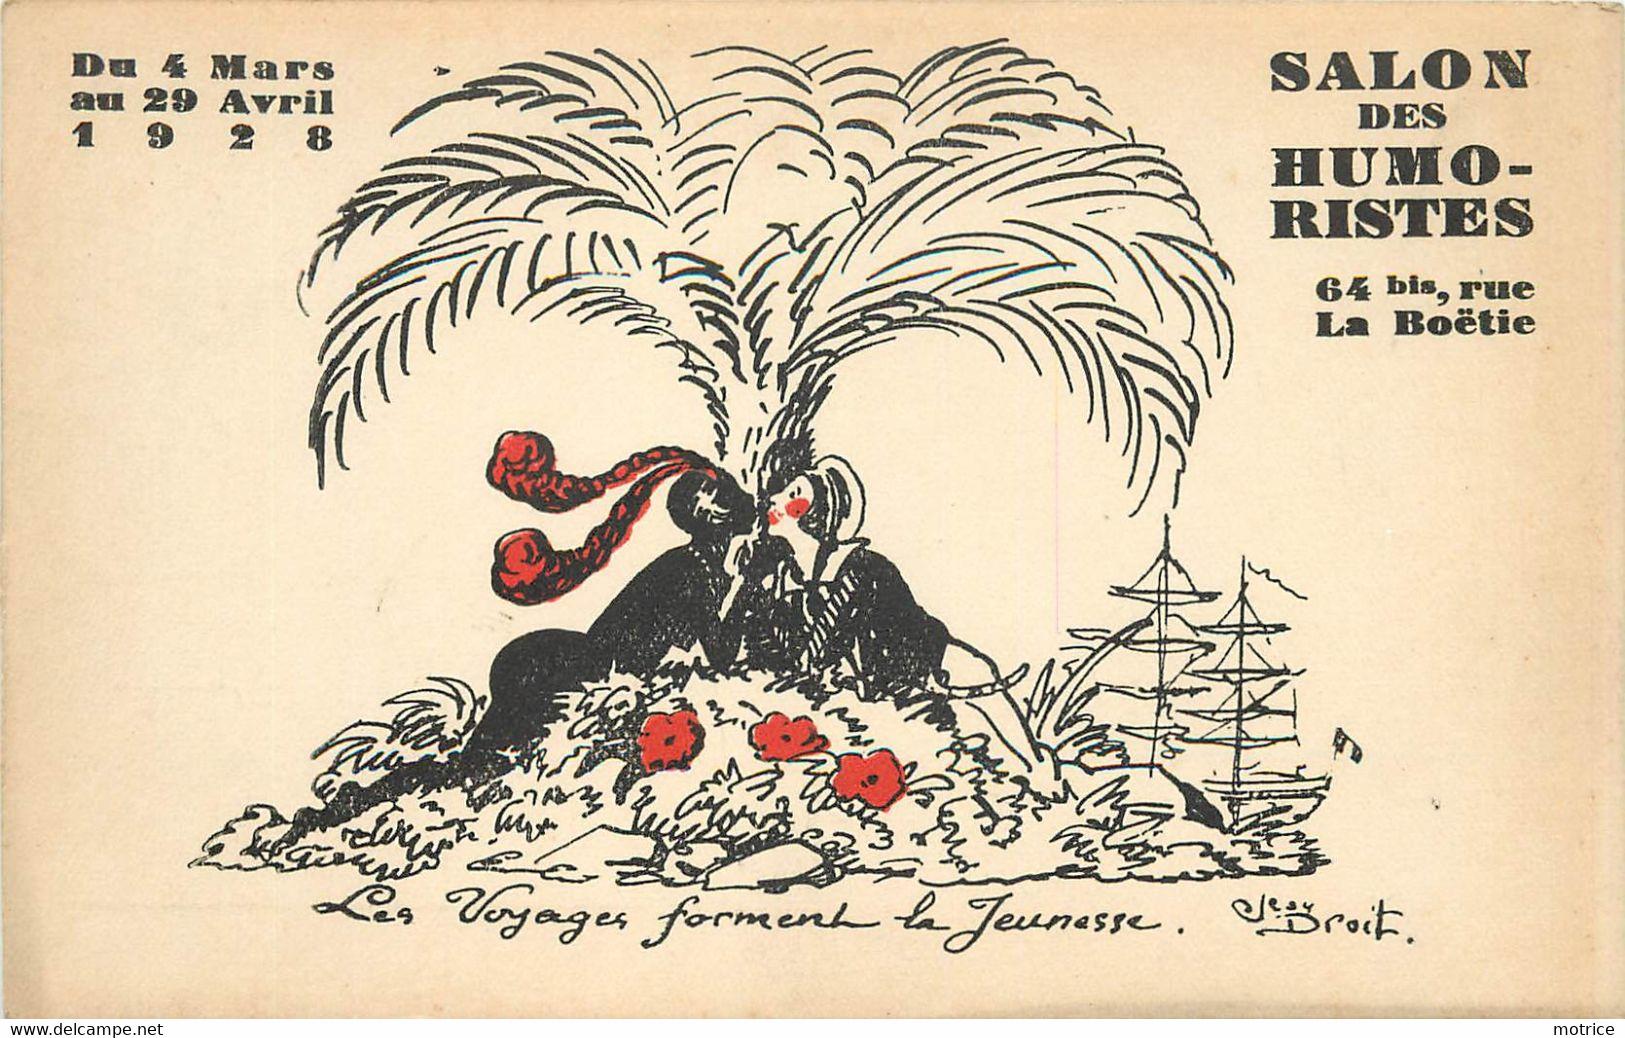 PARIS /SALON DES HUMORISTES - 64 Rue De La Boétie, Les Voyages Forment La Jeunesse, Carte Illustré Par Jean Droit. - Other Illustrators